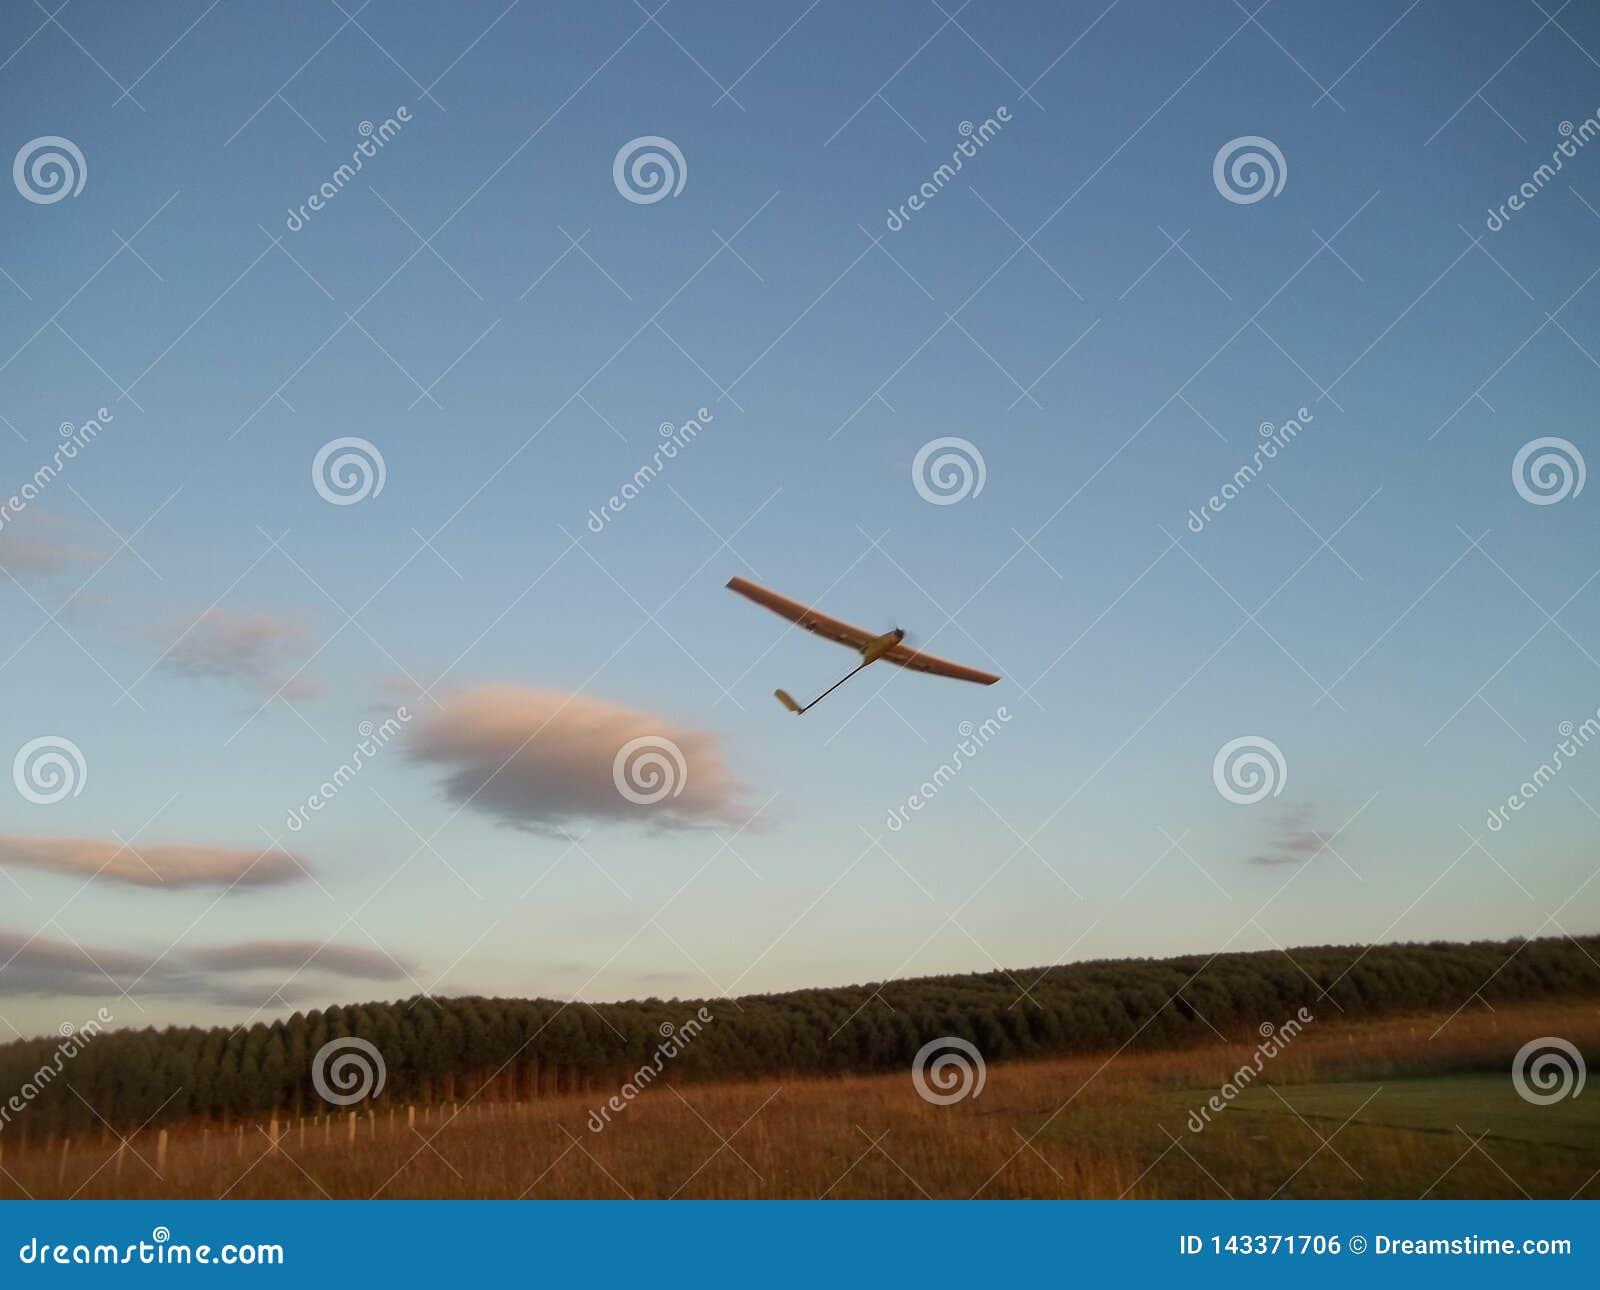 ελεγχόμενο ραδιόφωνο ανεμοπλάνο